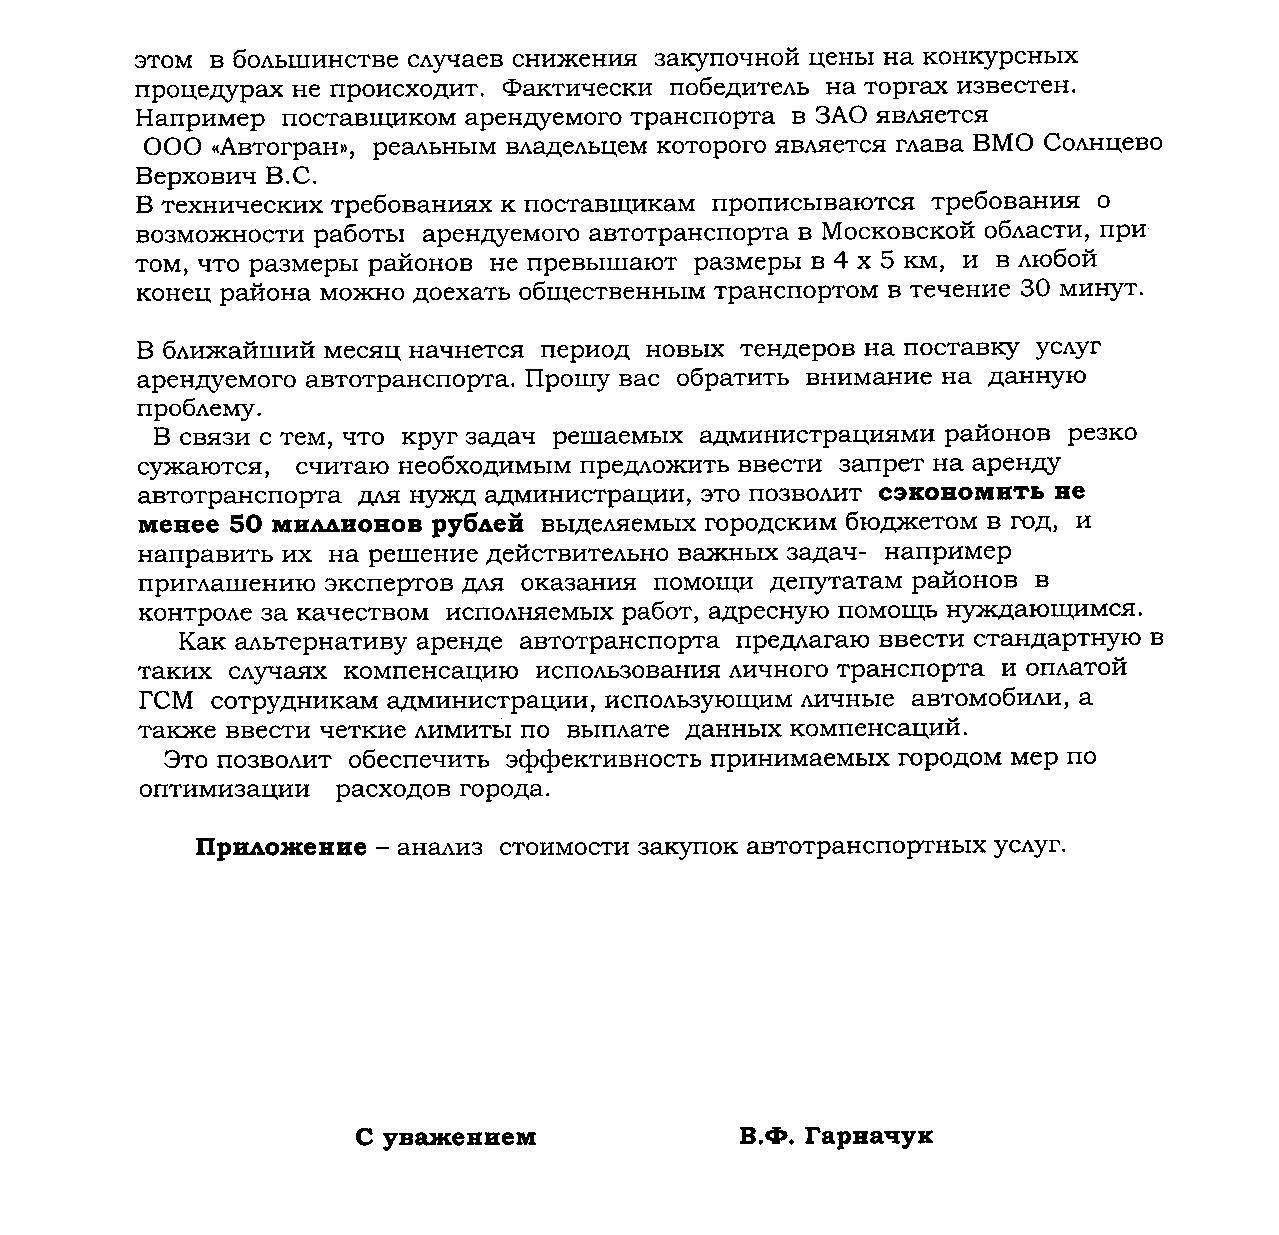 обращение к раковой по аренде авто 02.05.13 002